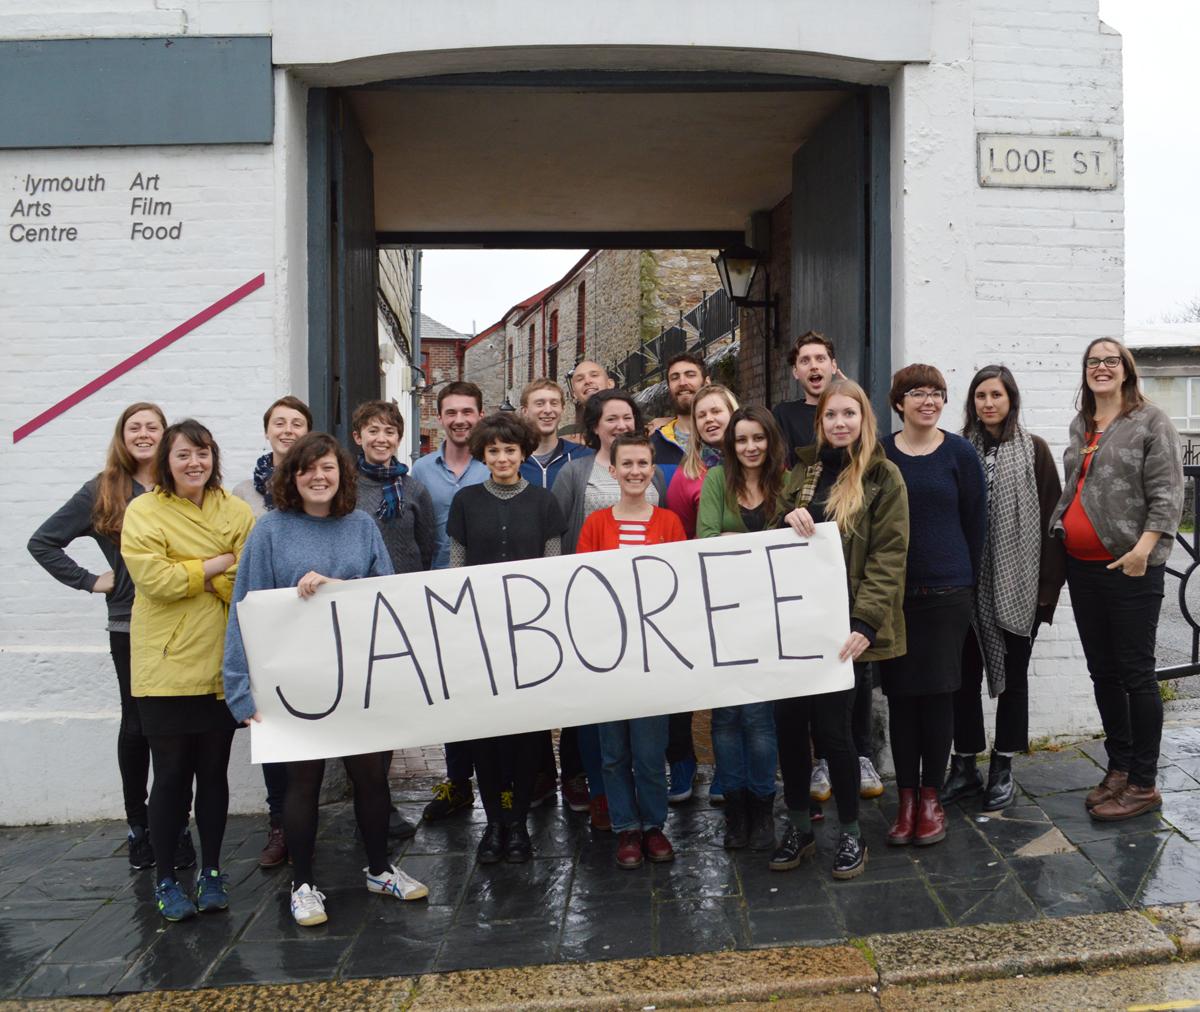 Jamboree pilot at Plymouth Arts Centre, 2015